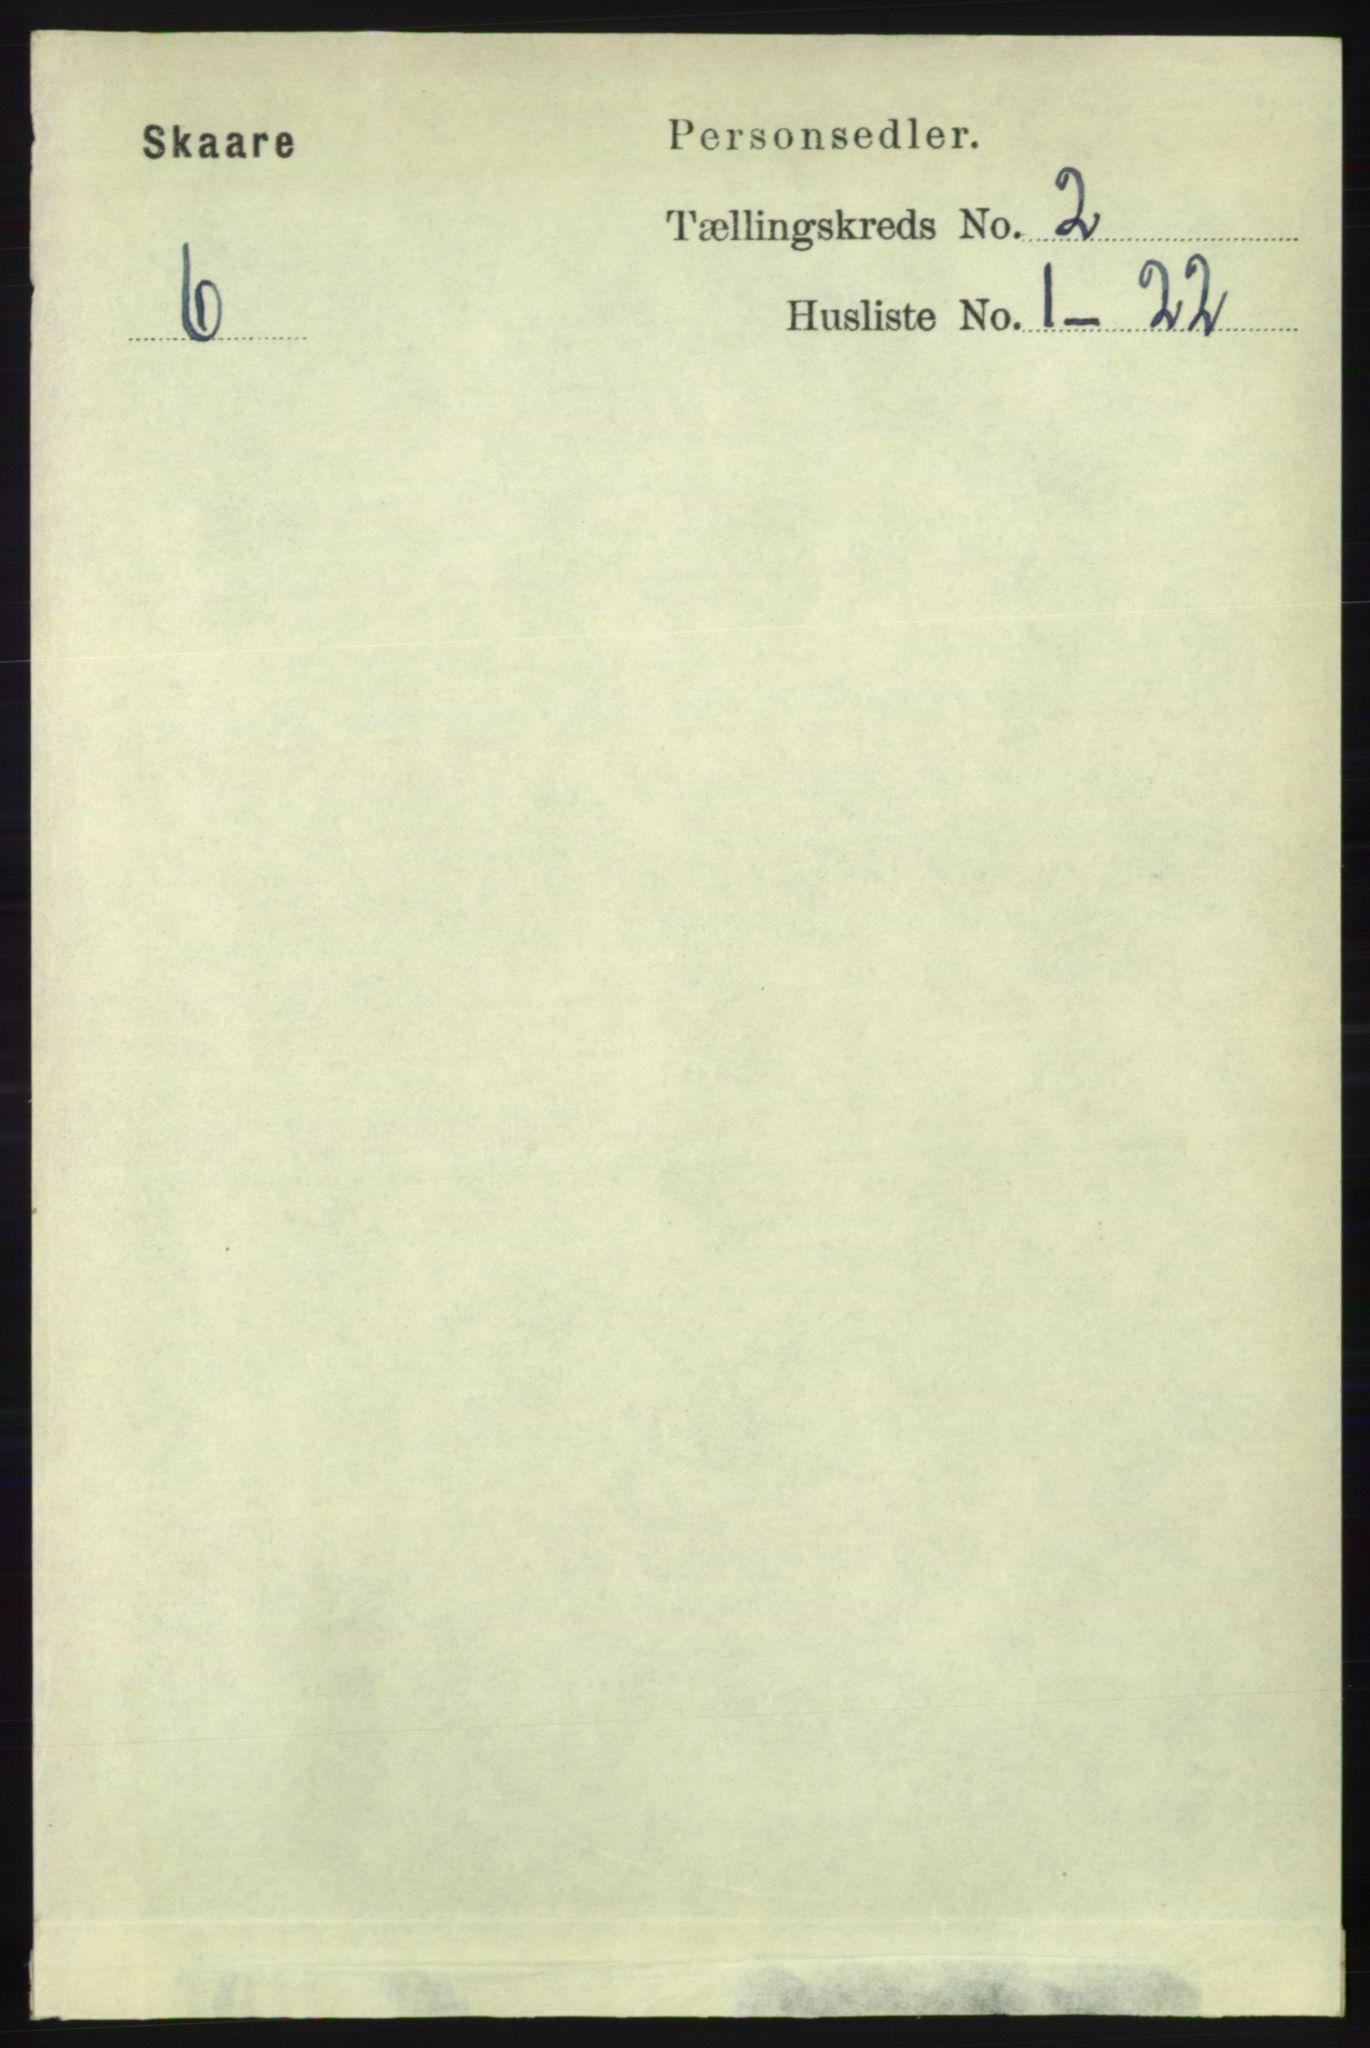 RA, Folketelling 1891 for 1153 Skåre herred, 1891, s. 732